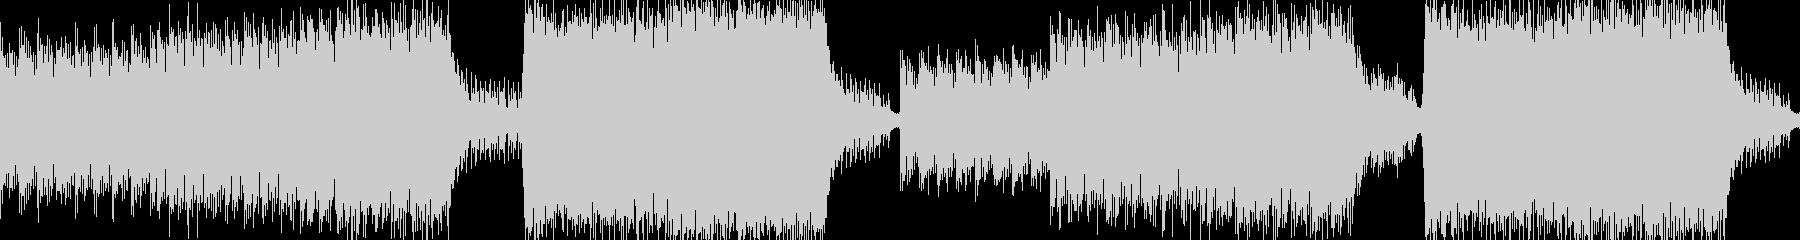 感動的なピアノ CM/企業VP等 DLの未再生の波形